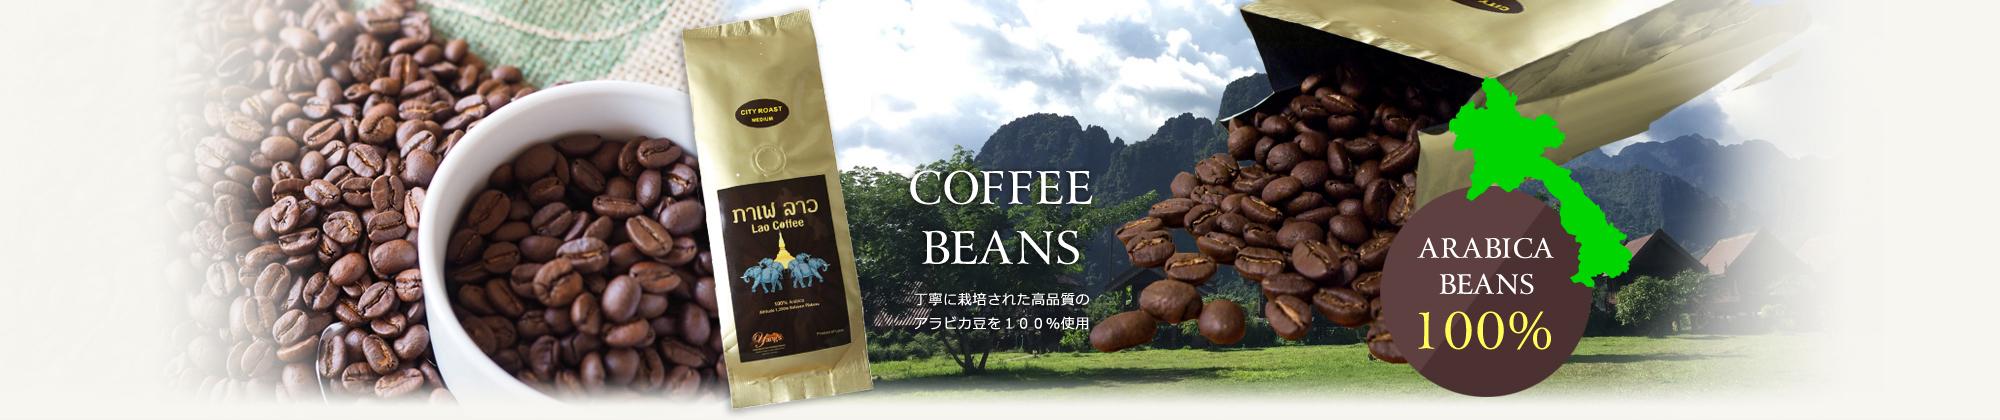 椰子屋 コーヒー豆